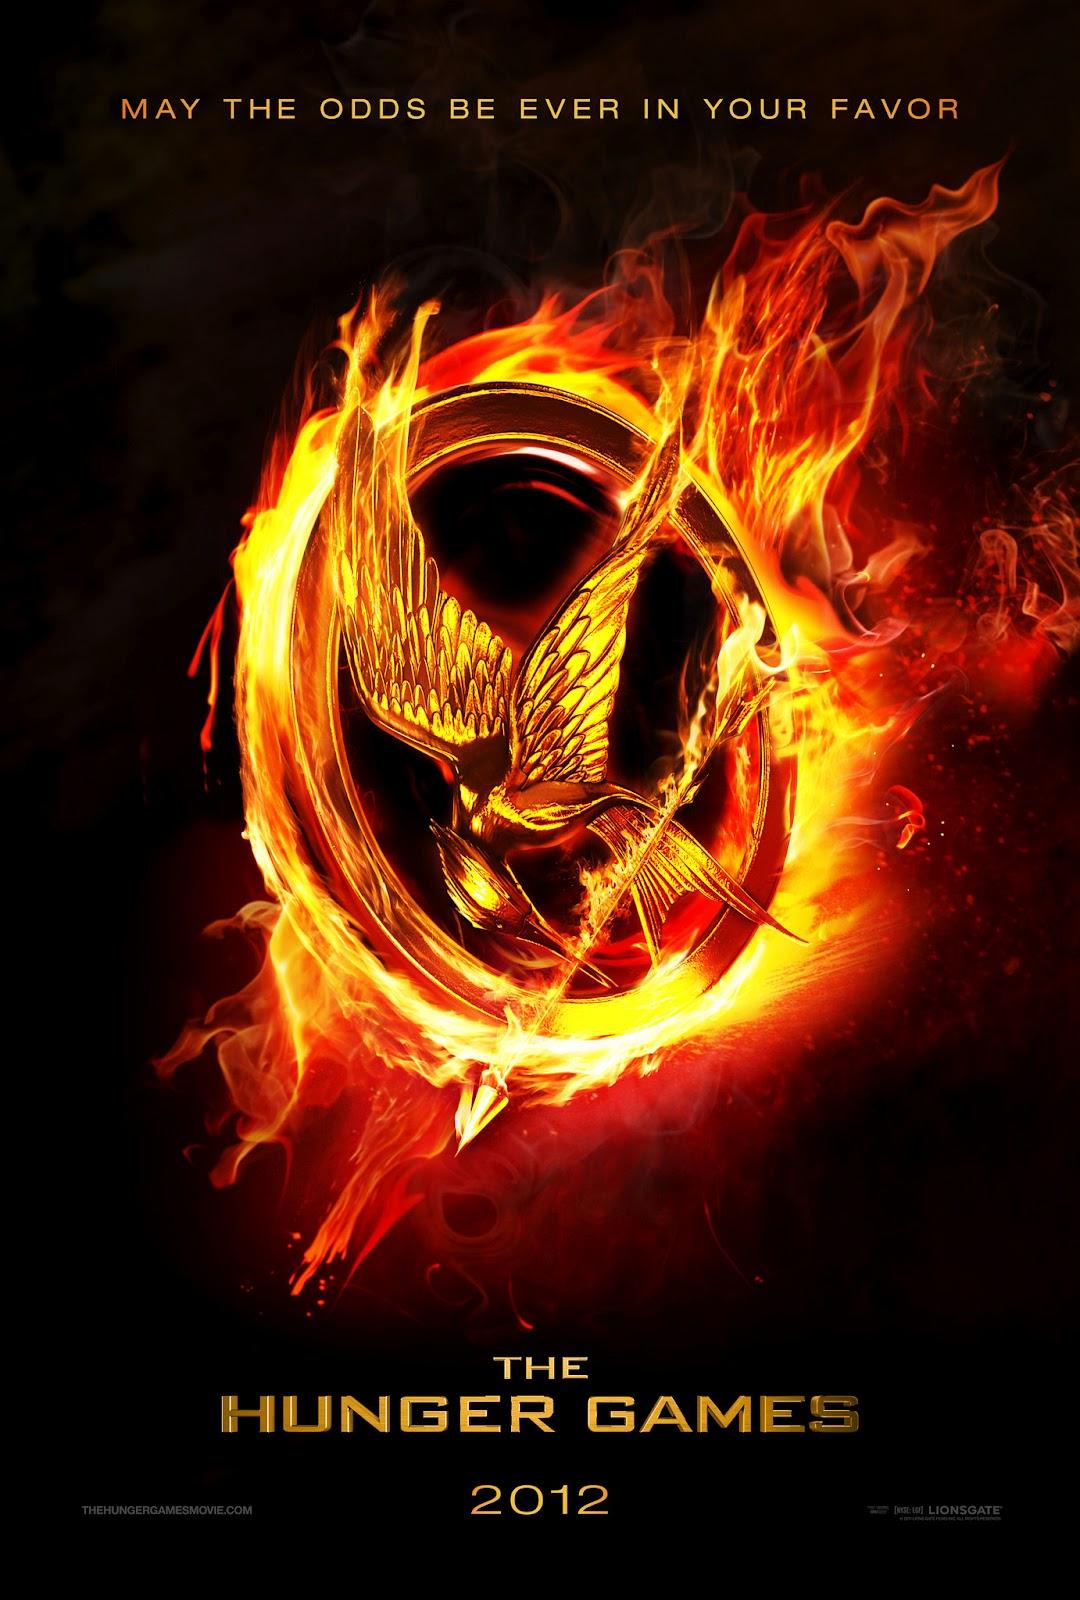 http://2.bp.blogspot.com/-qNtxaZqwn_w/T2-gKkGydtI/AAAAAAAAACo/Fizc8UIjE0Q/s1600/The+Hunger+Games.jpeg